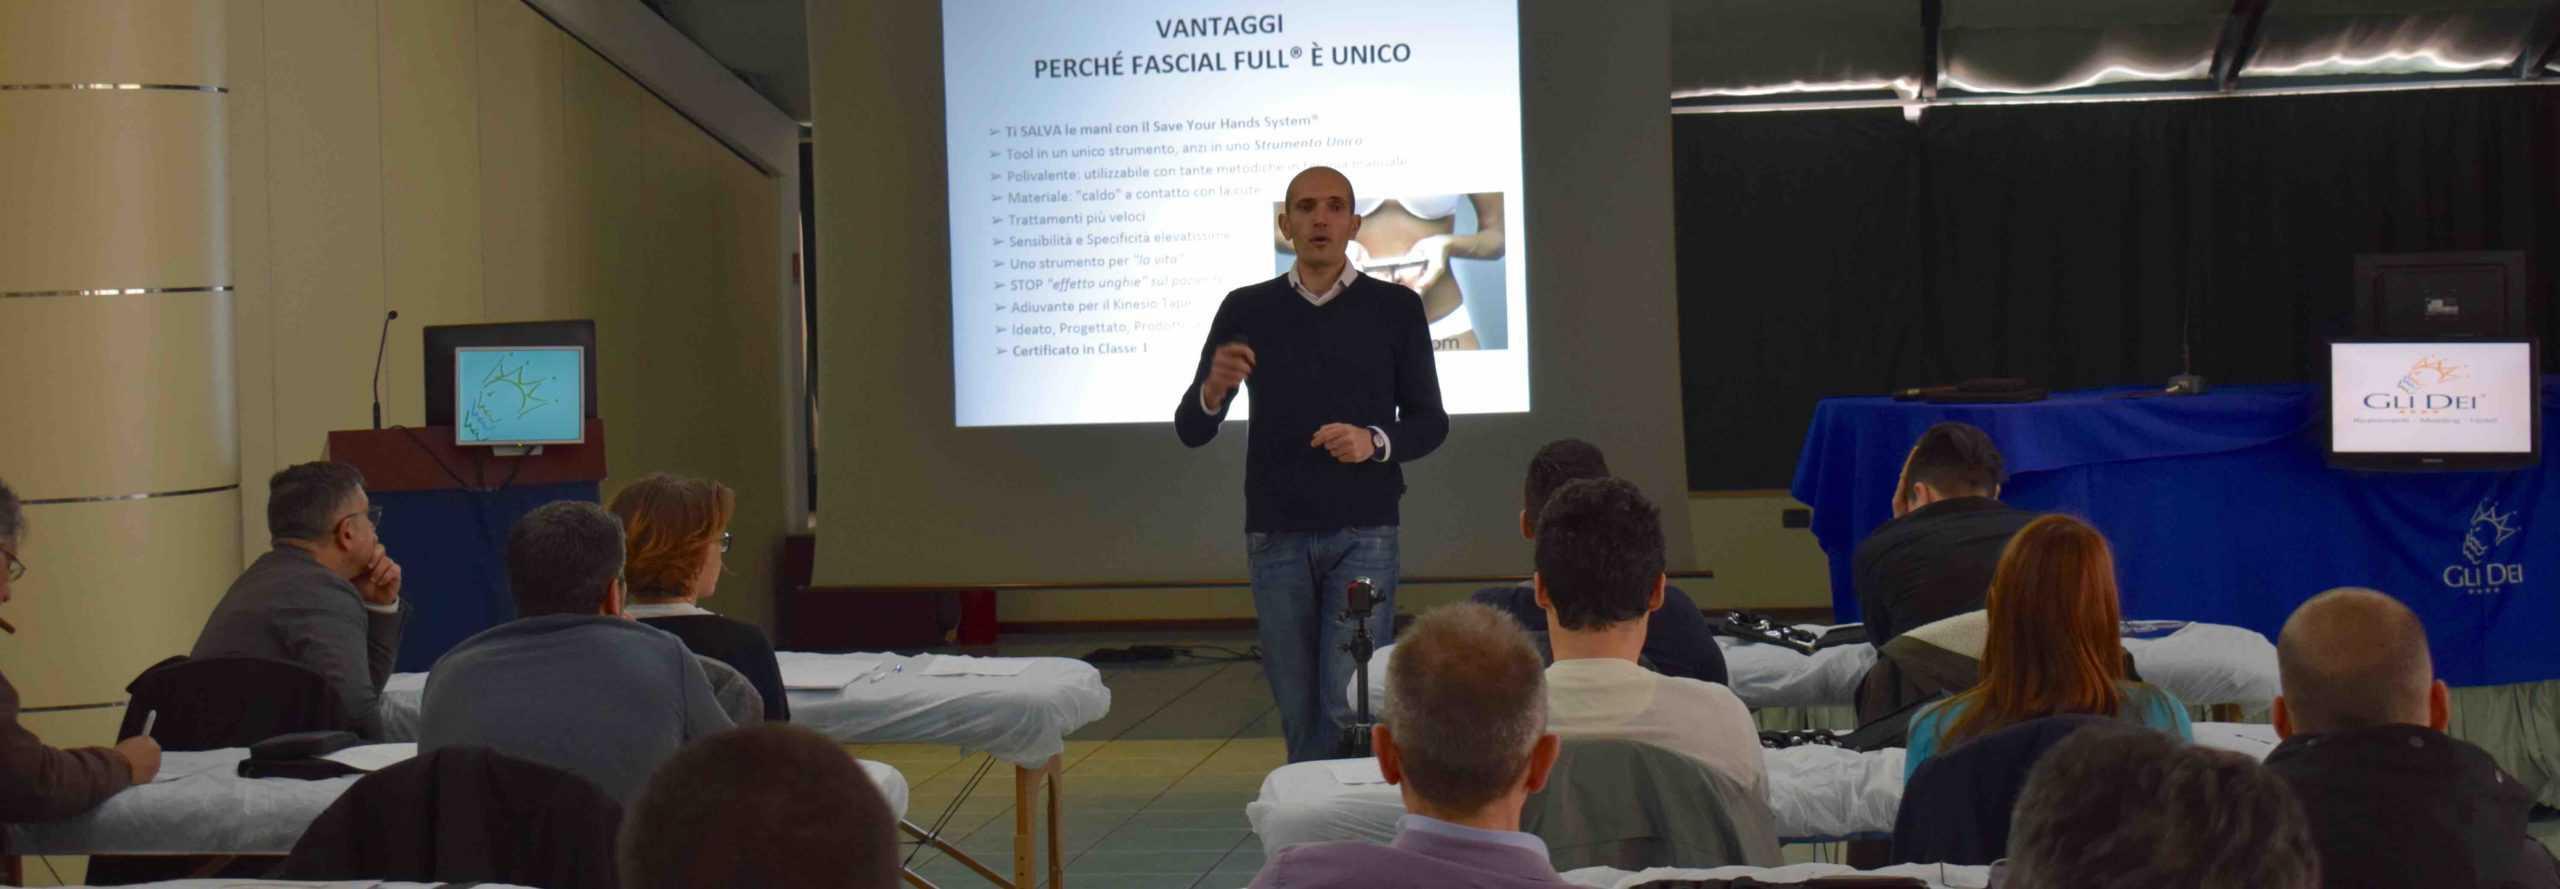 Corso Napoli 2017 Fascial Full DSC 0091 scaled